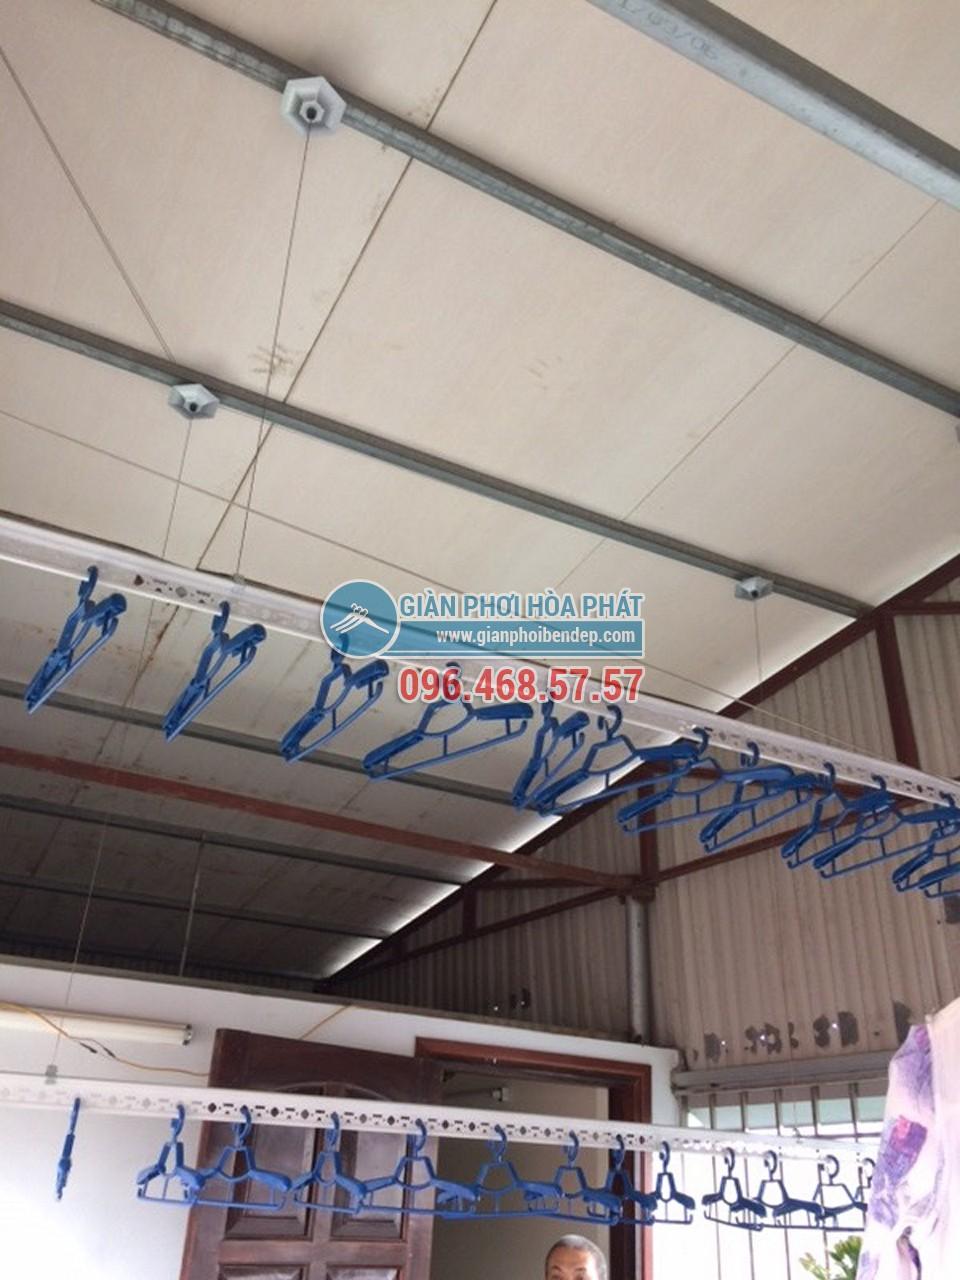 Sân phơi đẹp hiện đại nhờ lắp đặt giàn phơi thông minh nhà chị Hiền, ngõ 103 Thanh Nhàn - 03